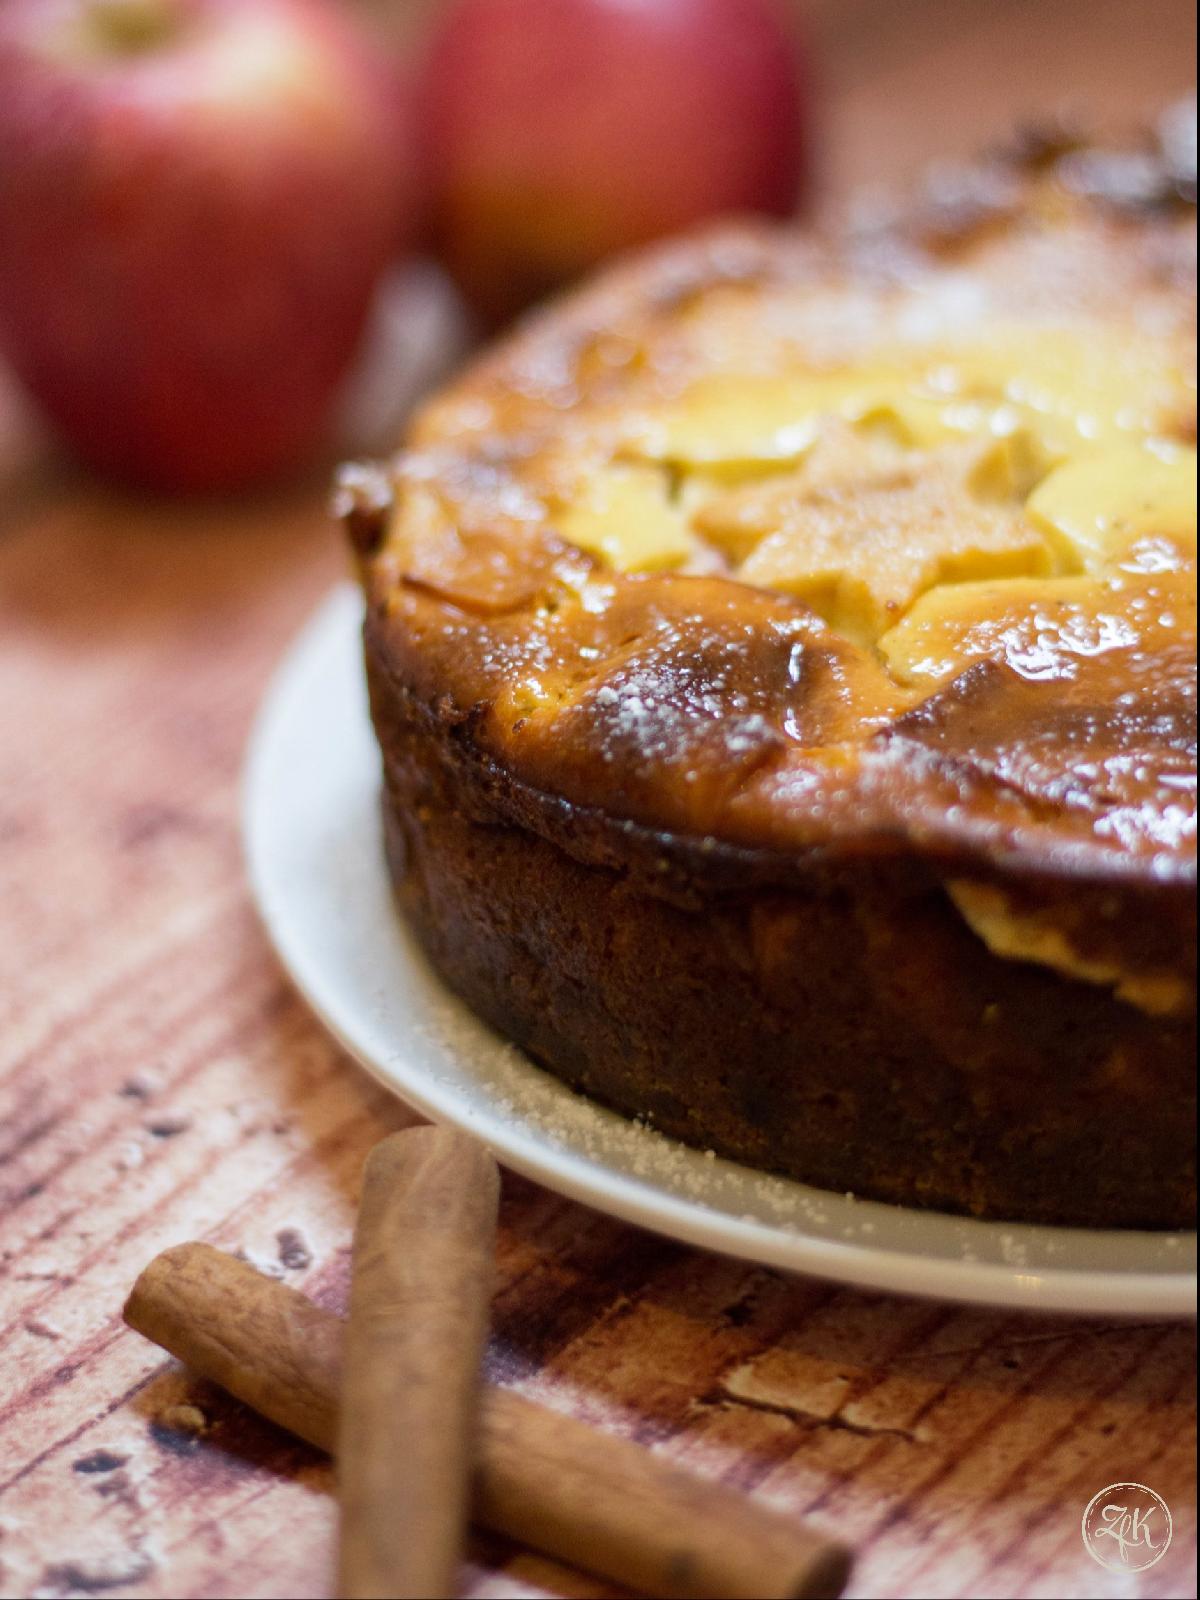 Äpfel und Zimt - eine Käsekuchen voller winterlicher Aromen